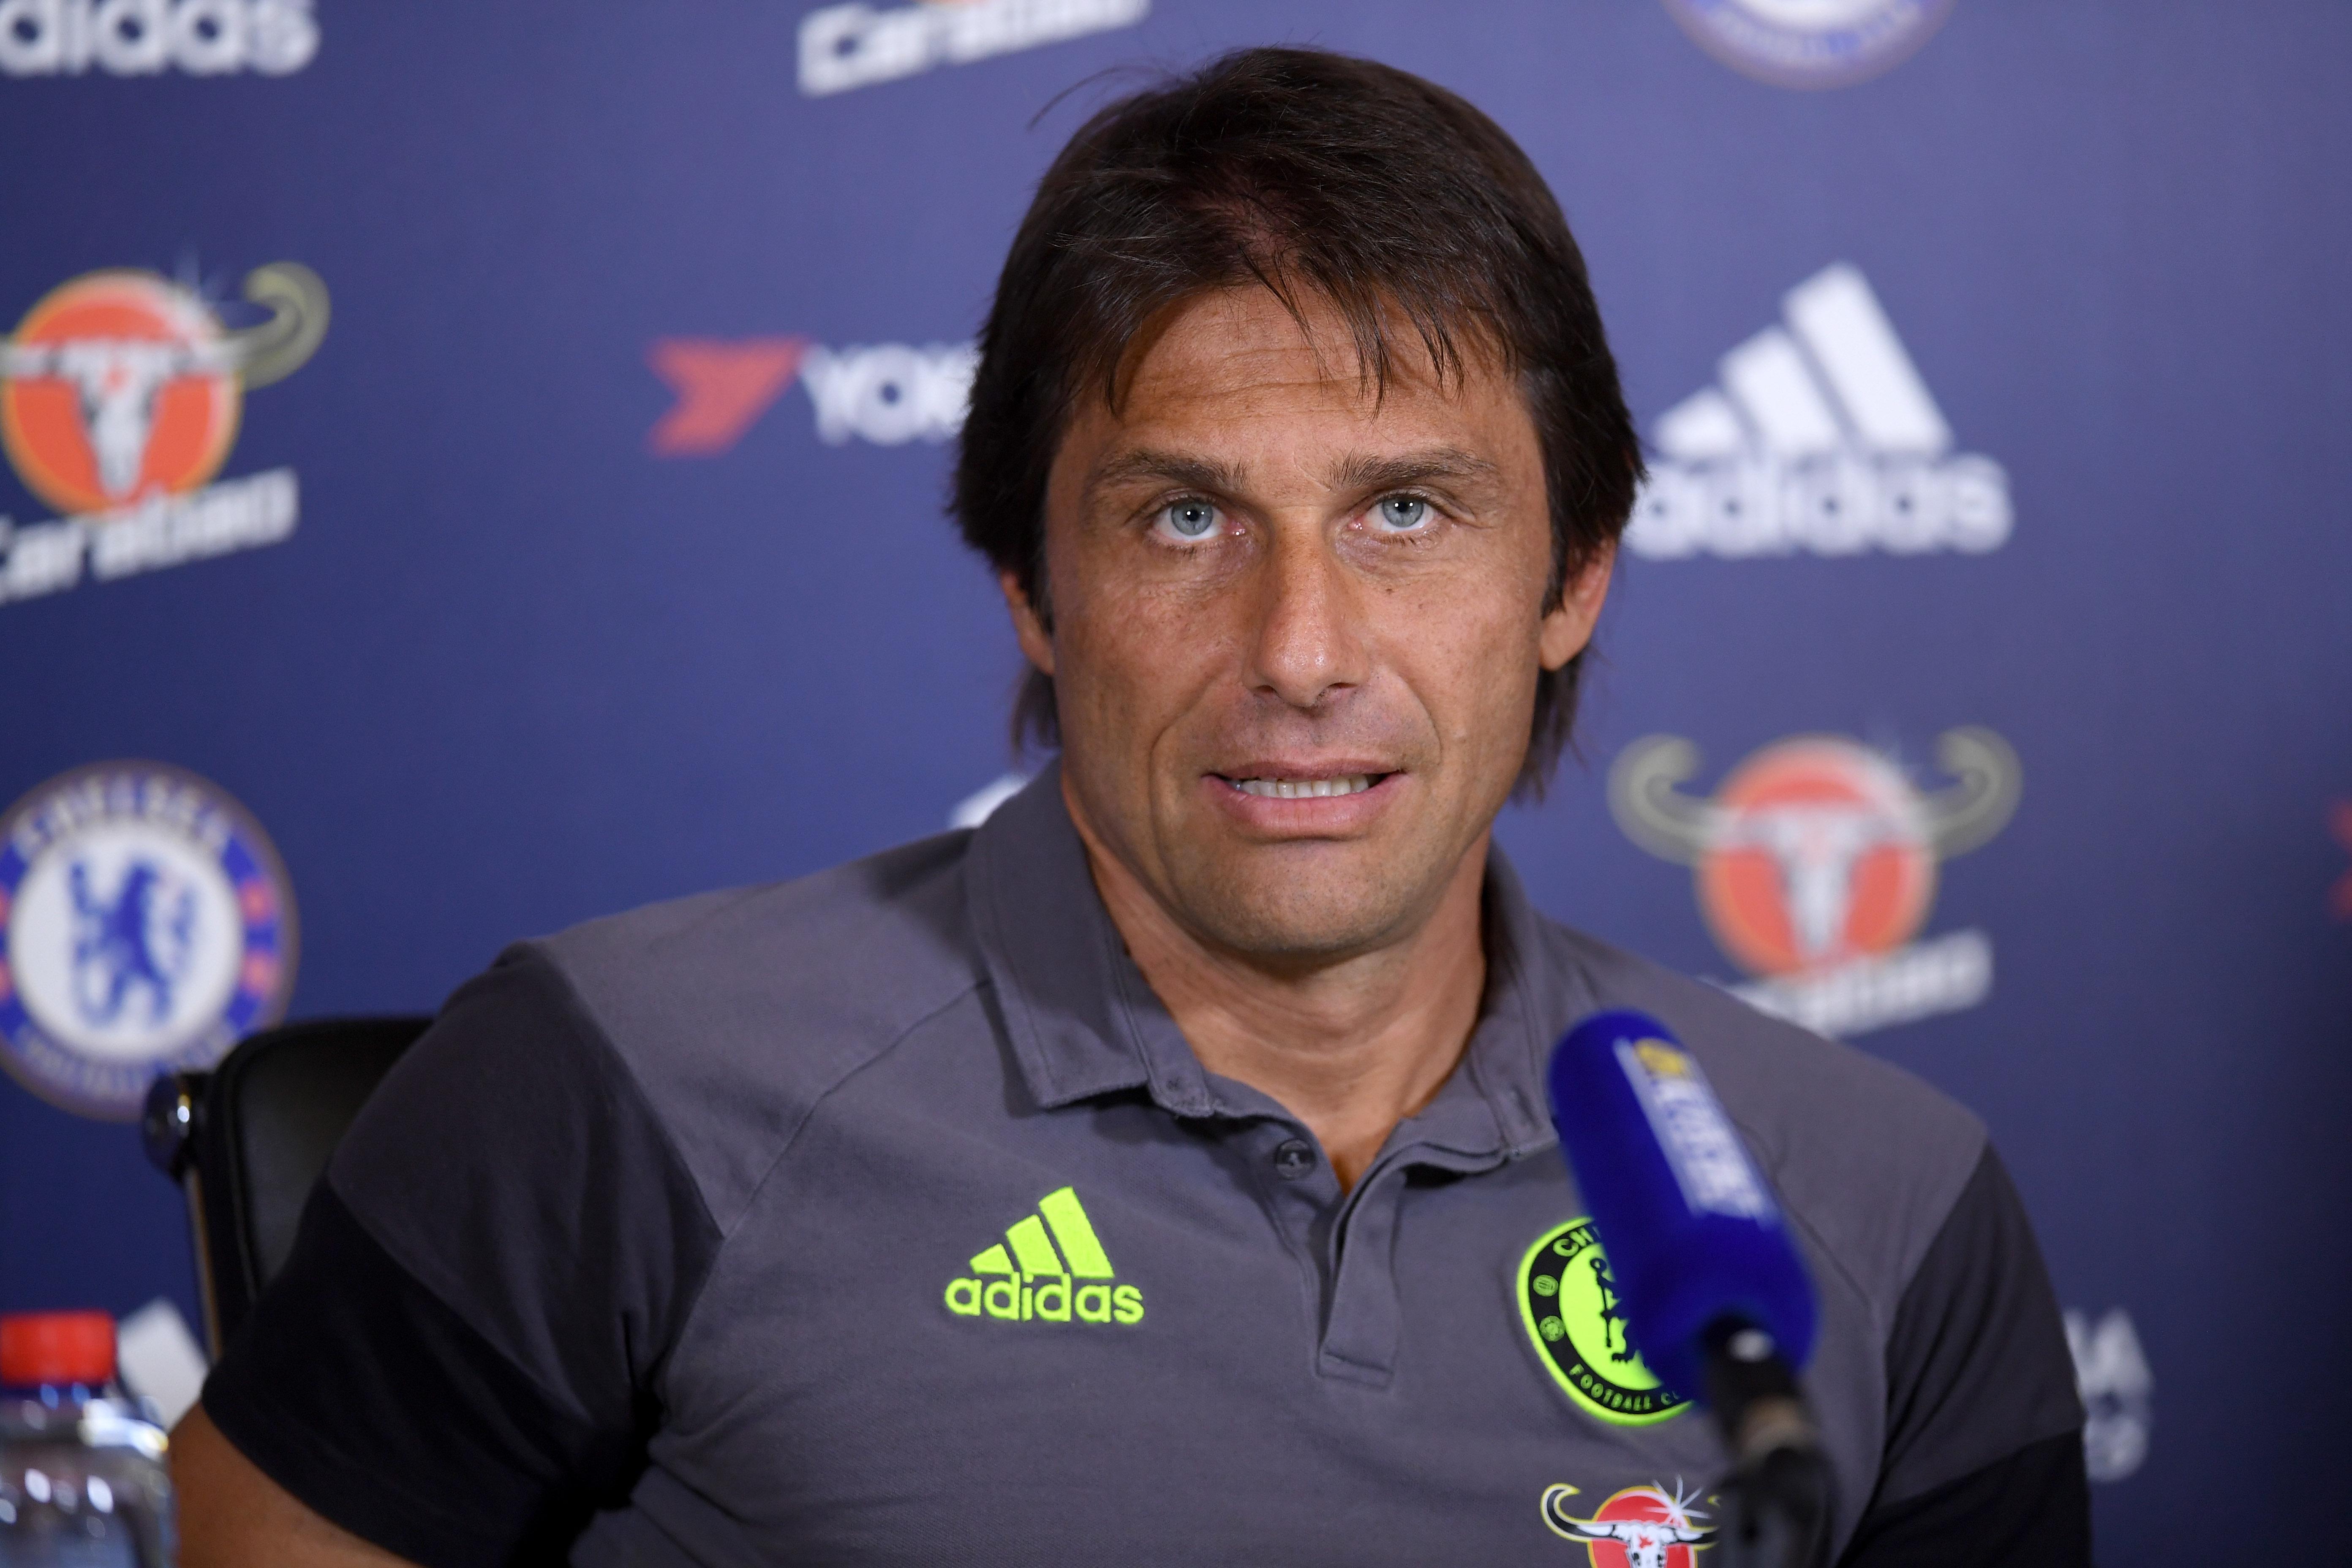 Chelsea tricks: Antonio Conte is driving up Cesc Fabregas' transfer value